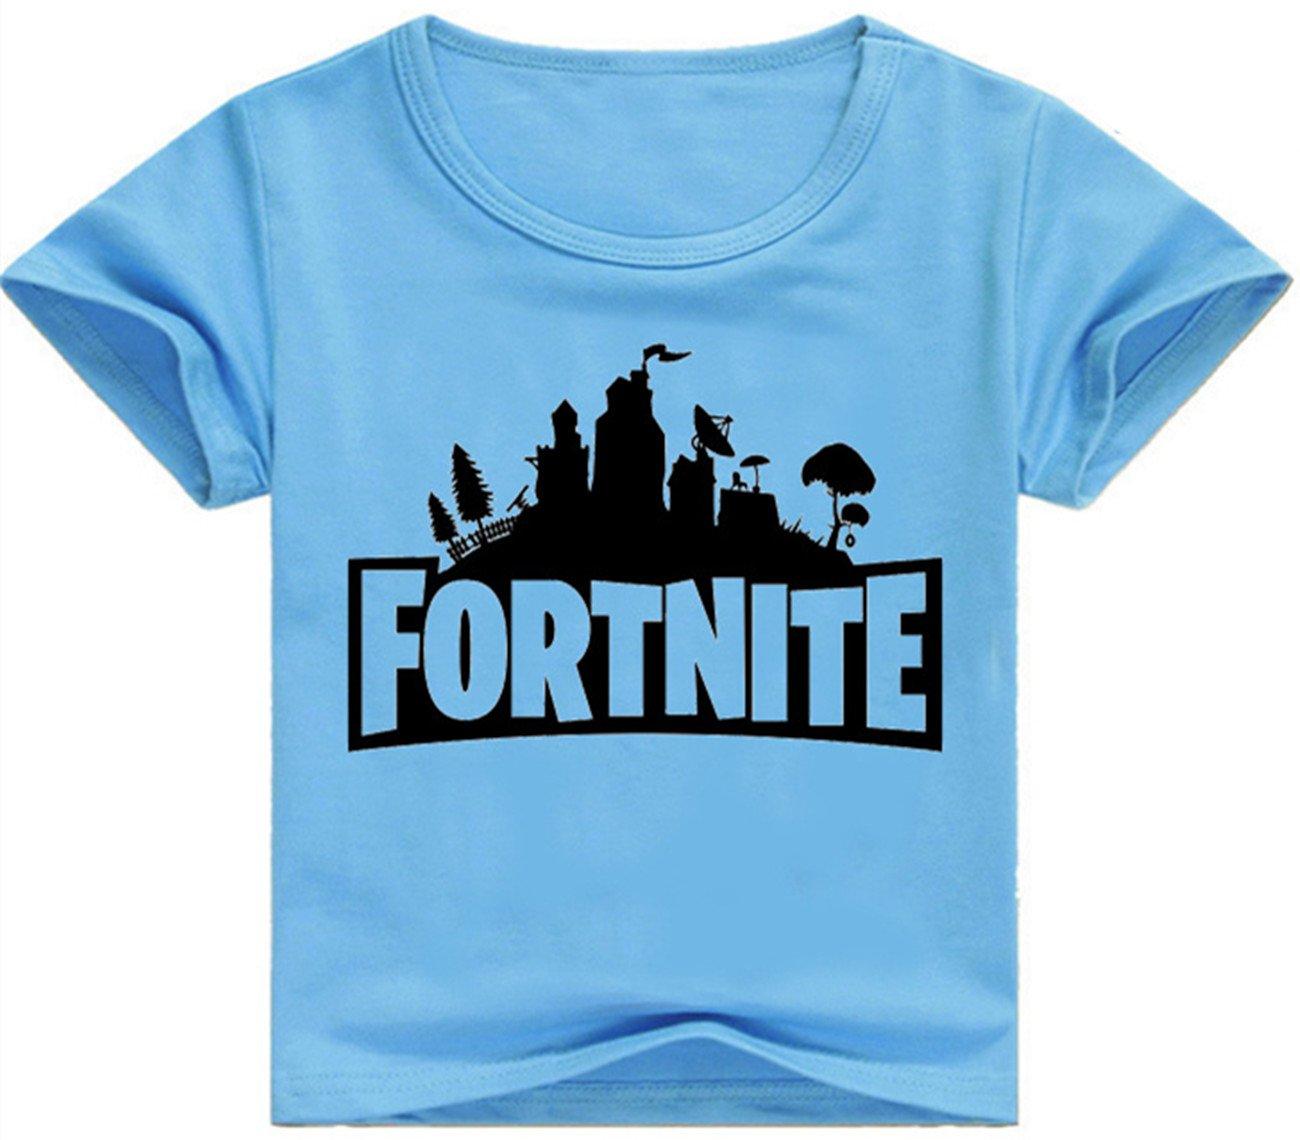 SERAPHY Unisex T-Shirt Fortnite Magliette Top Manica Corta per Ragazzo